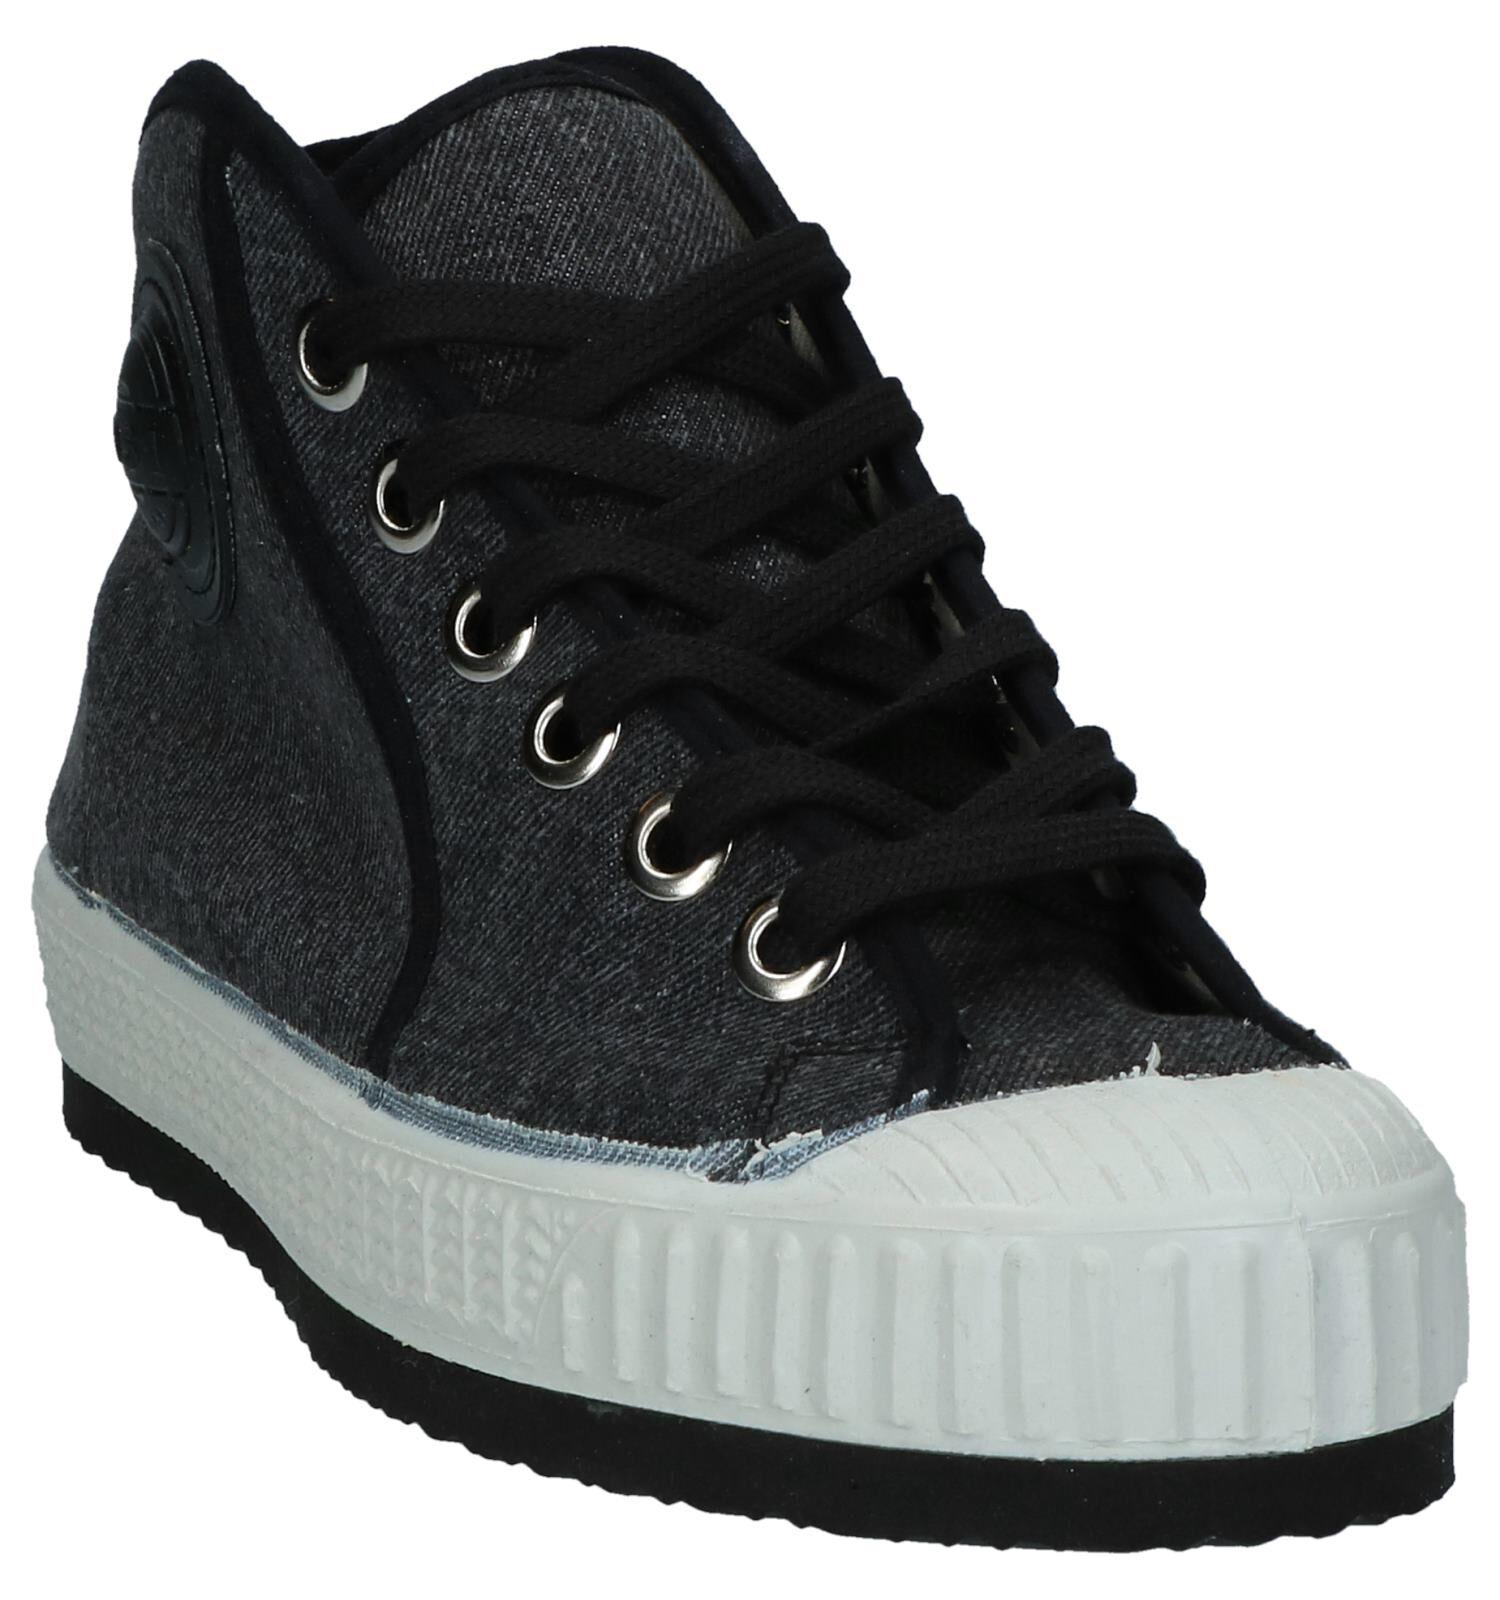 0051 Jeans Donkergrijze Hoge Sneakers